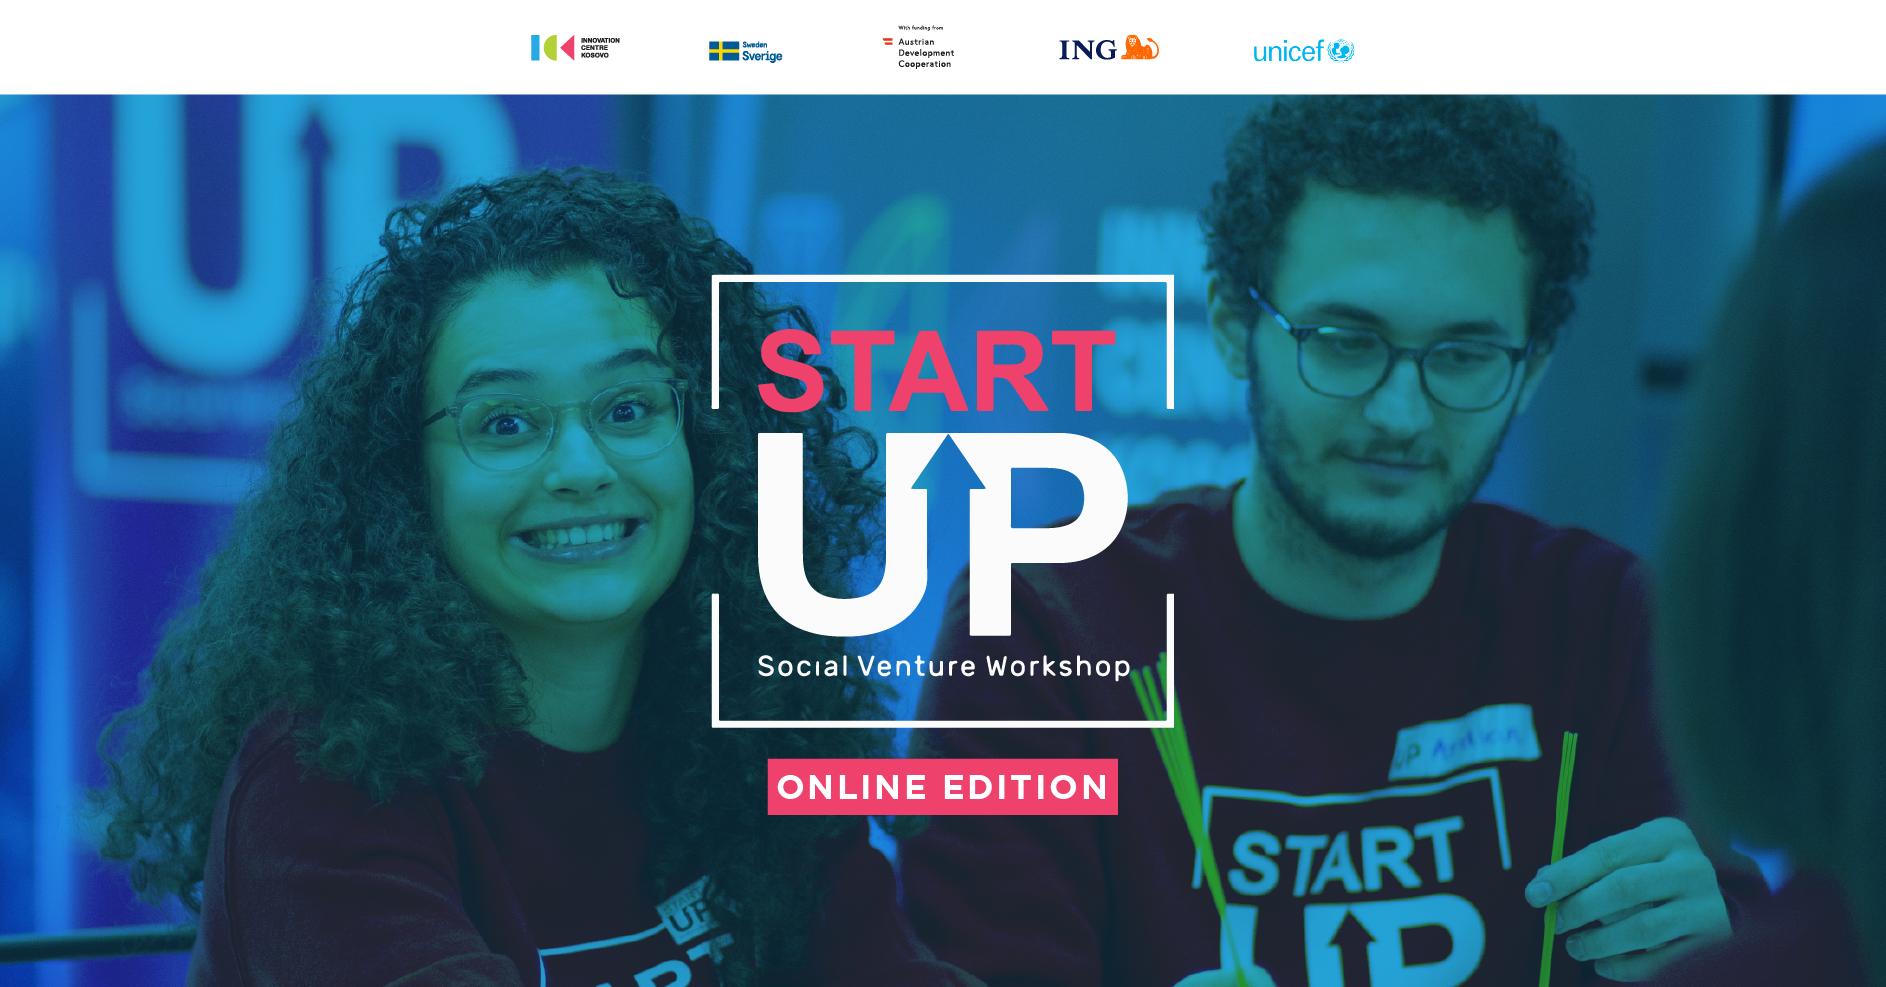 Startup Social Venture Workshop (Online Edition)